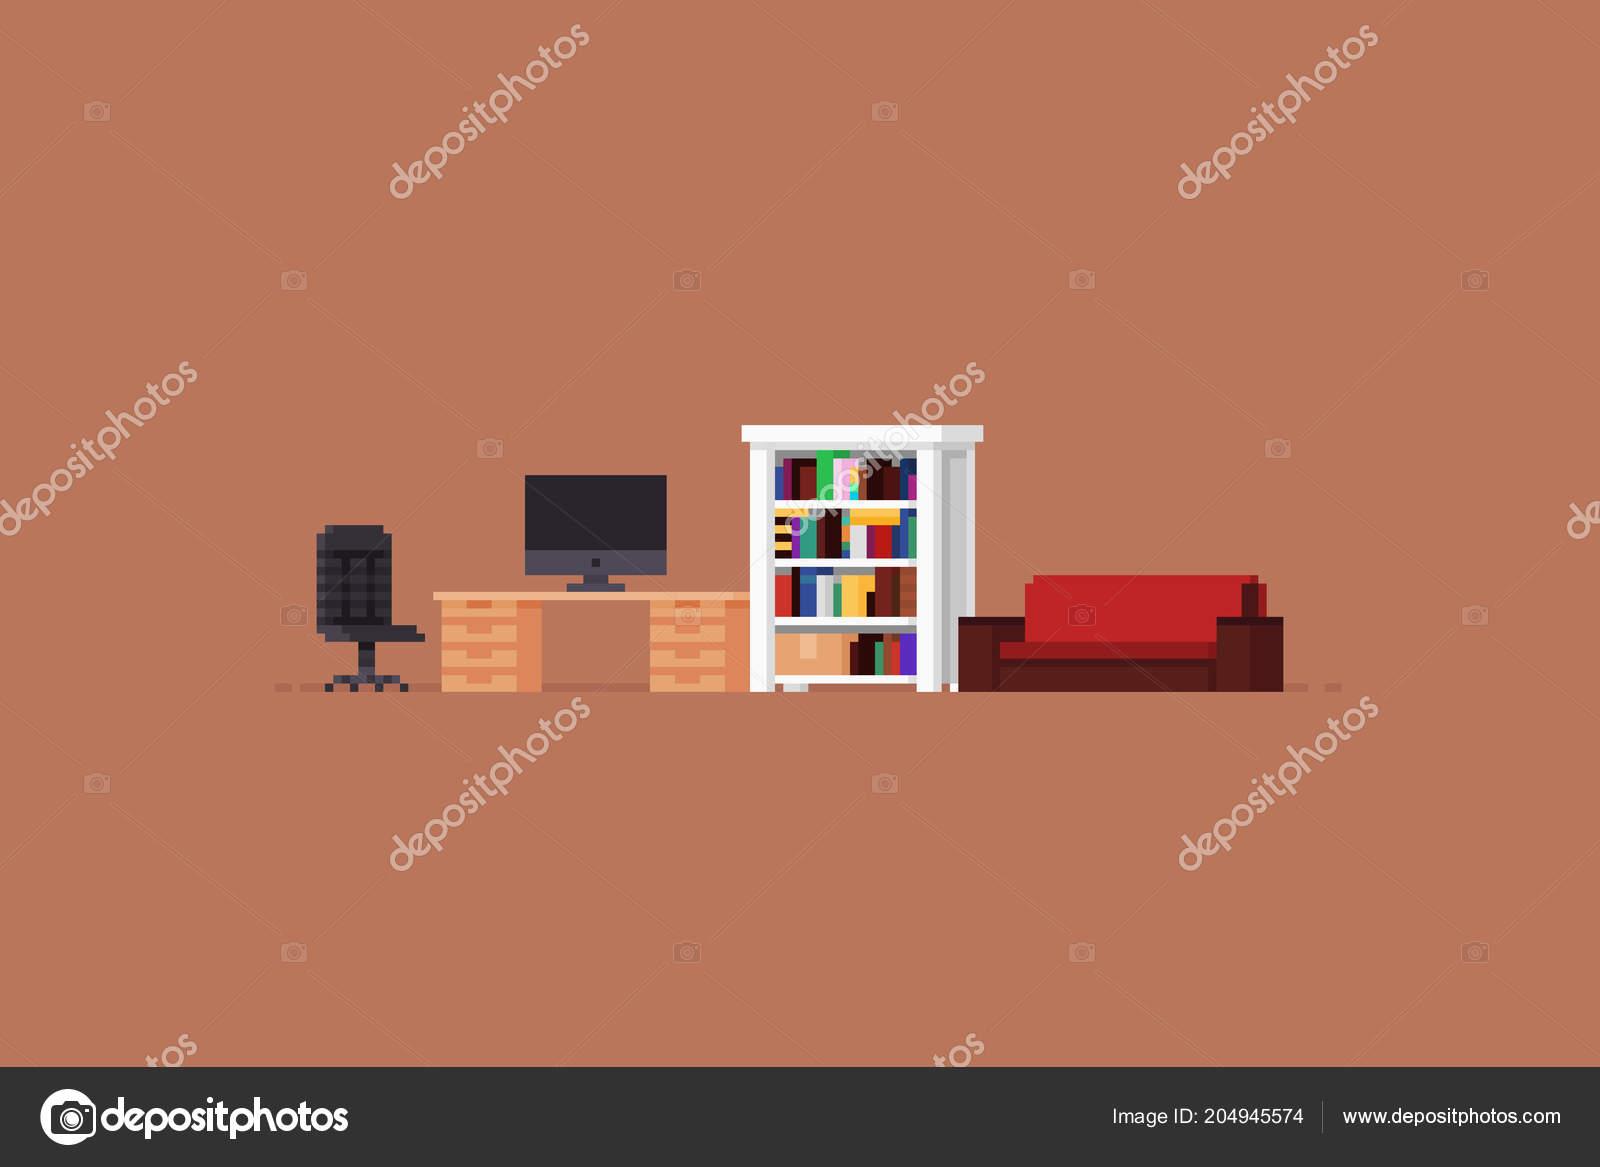 pixel art room stock vector chuckchee 204945574